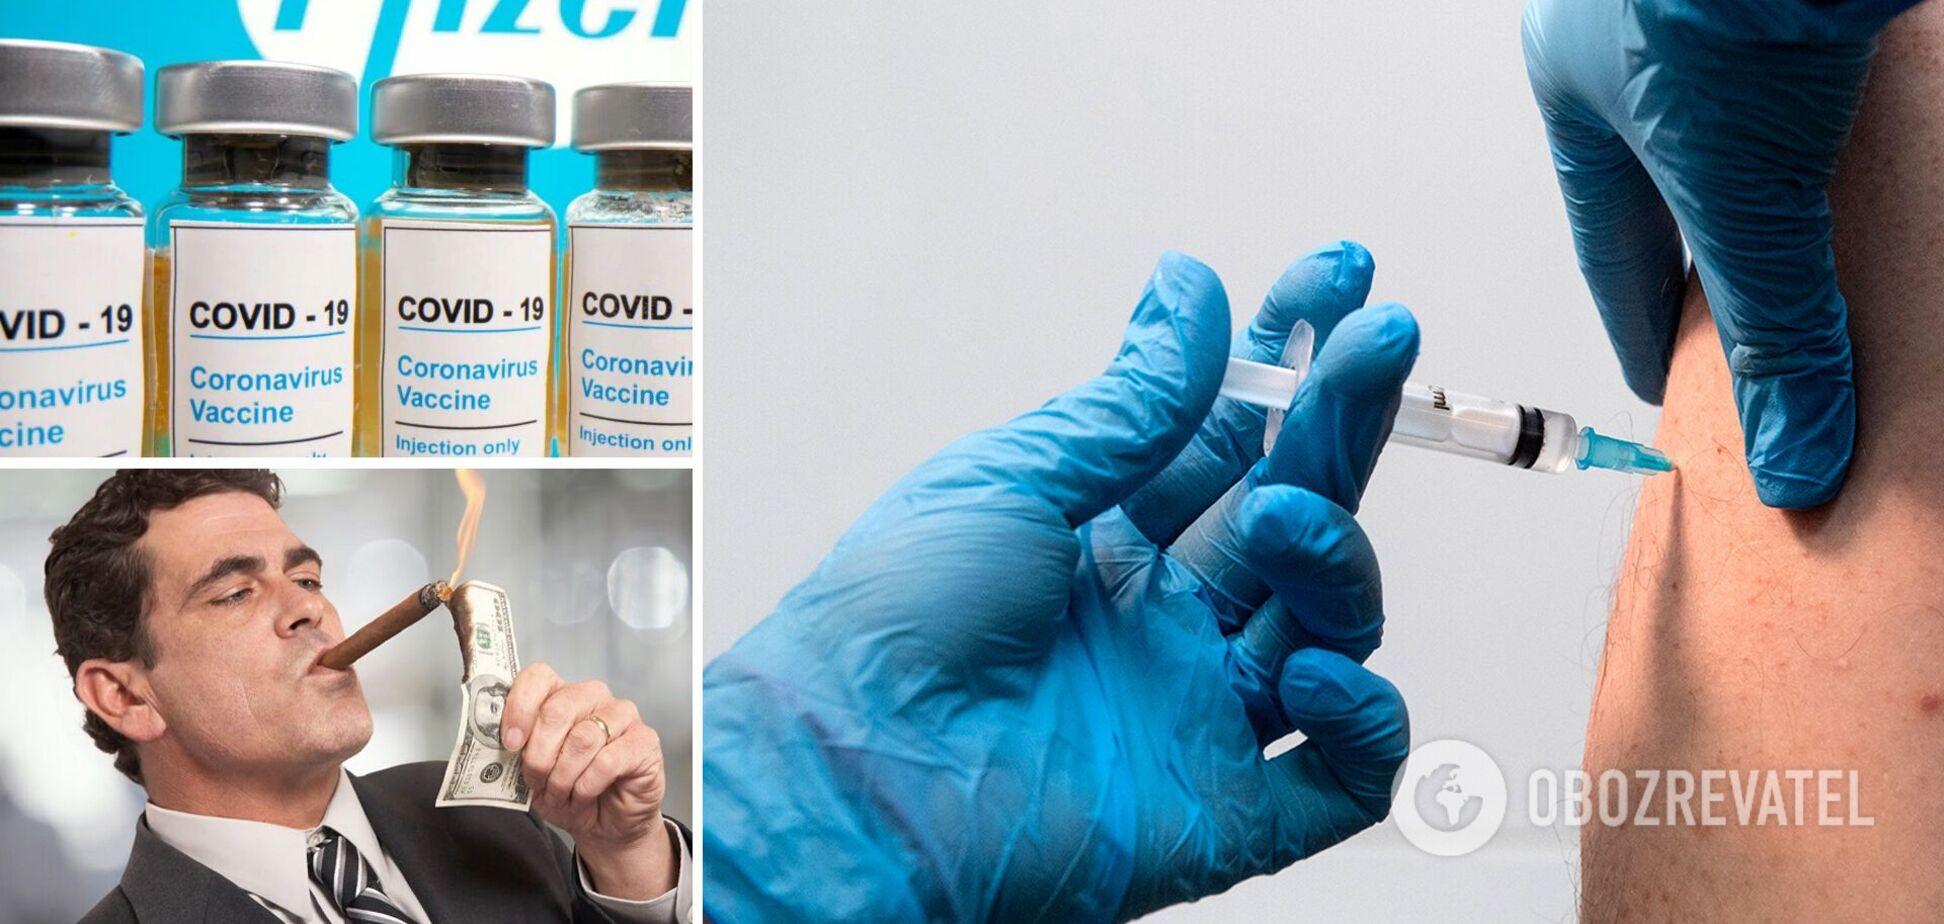 Богатые платят тысячи долларов за внеочередную вакцинацию от коронавируса